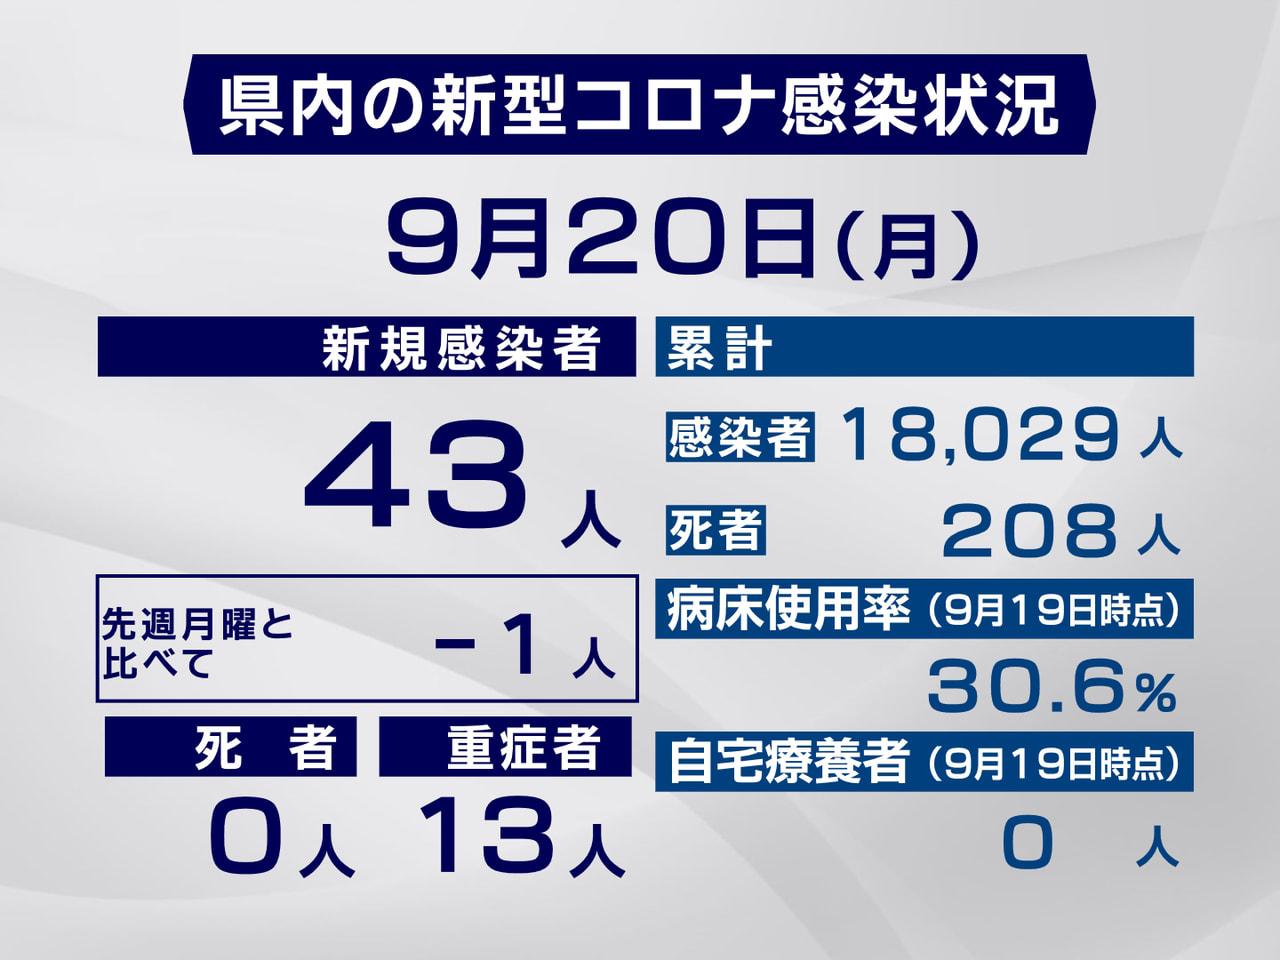 岐阜県と岐阜市は20日、新型コロナウイルスの感染が新たに43人確認されたと発表し...